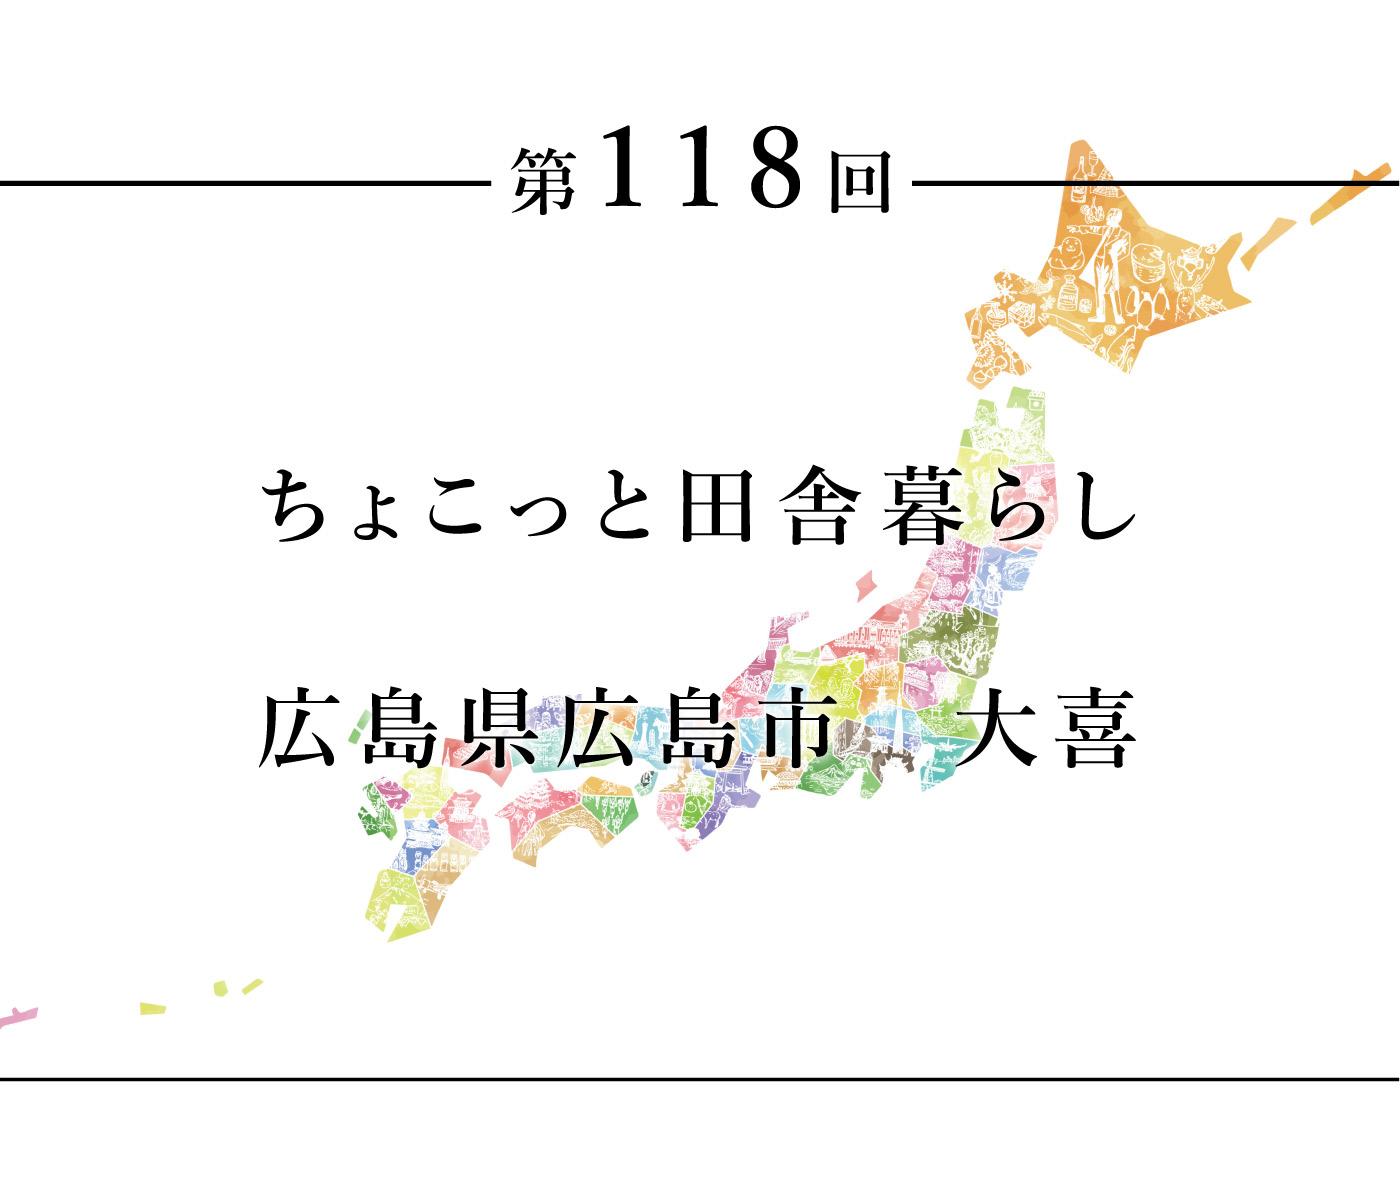 ちいきのたより第118回ちょこっと田舎暮らし広島県広島市大喜